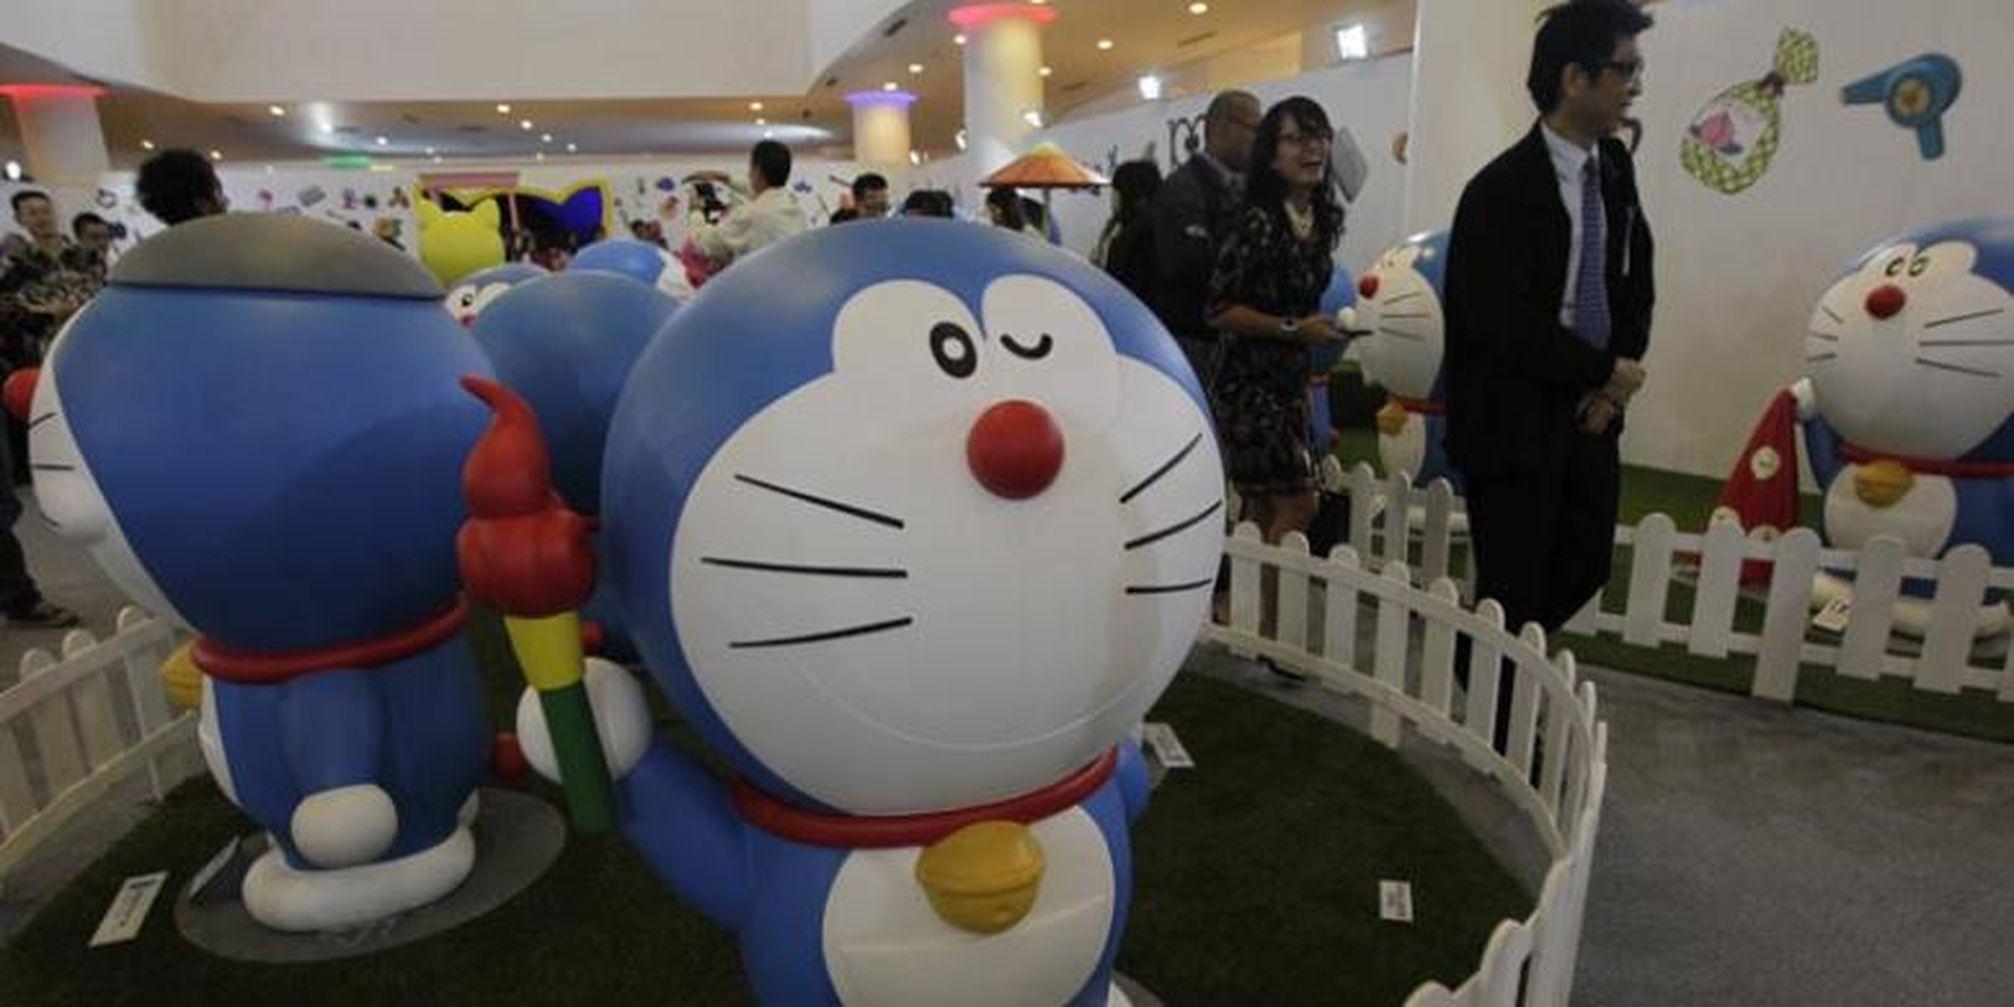 Koleksi 64 Gambar Animasi Doraemon Pegang Terbaik Gambar